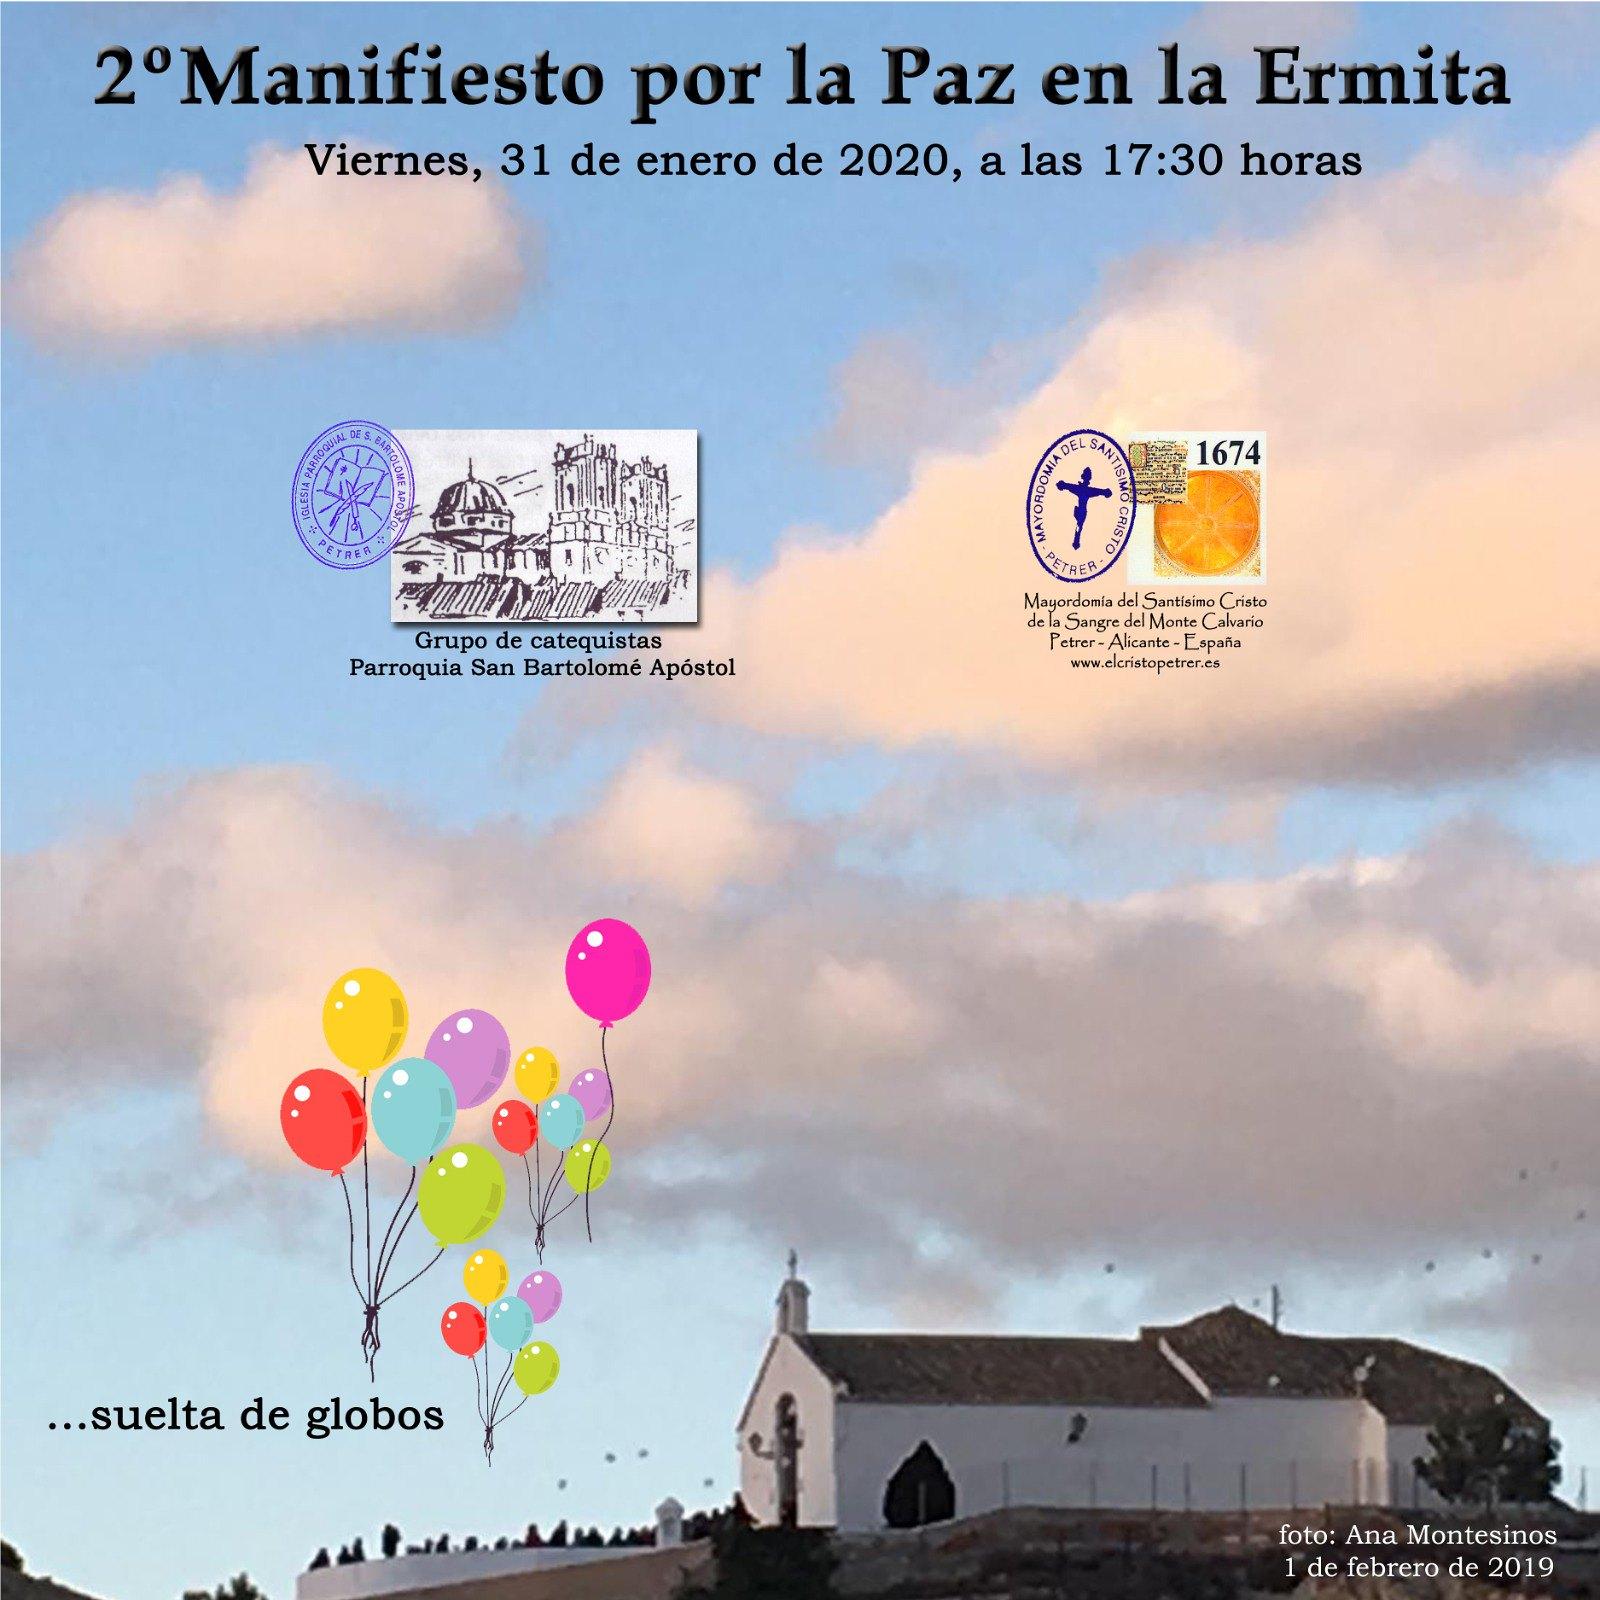 ElCristo - Actos - II Manifiesto por la Paz - (2020-01-31) - Cartel--